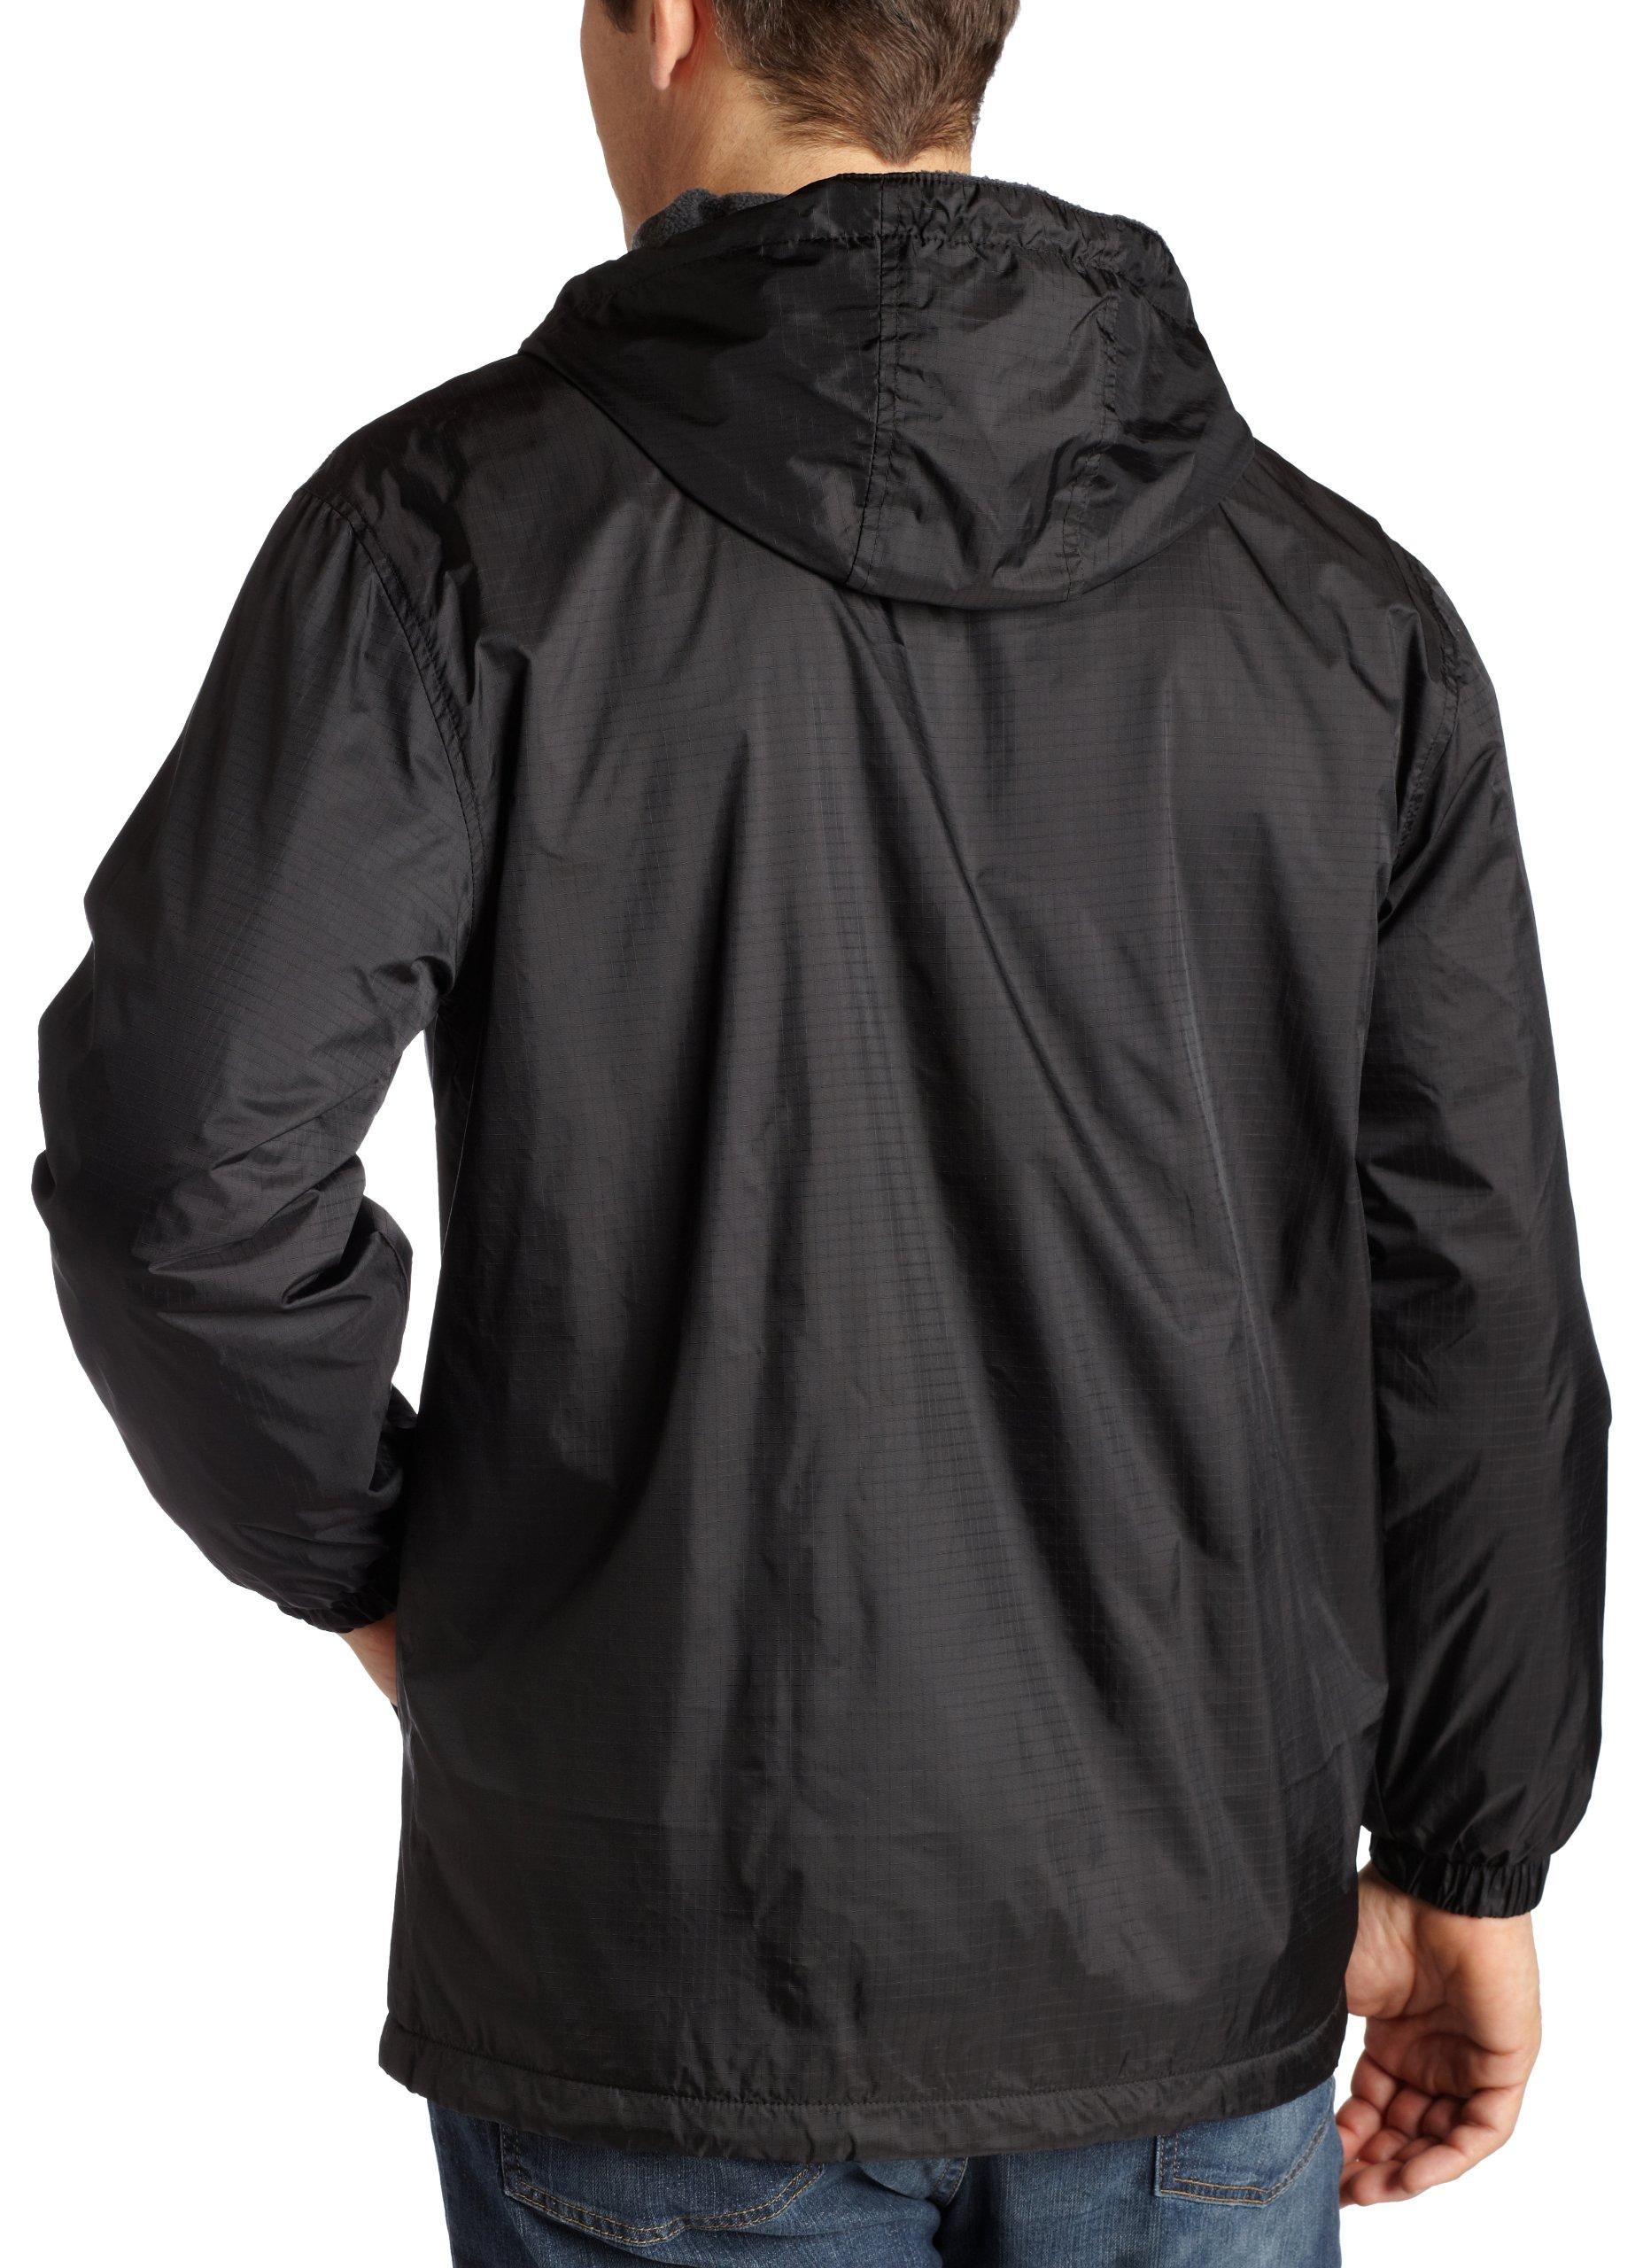 Dickies Men's Fleece Lined Hooded Jacket, Black, Small by Dickies (Image #2)